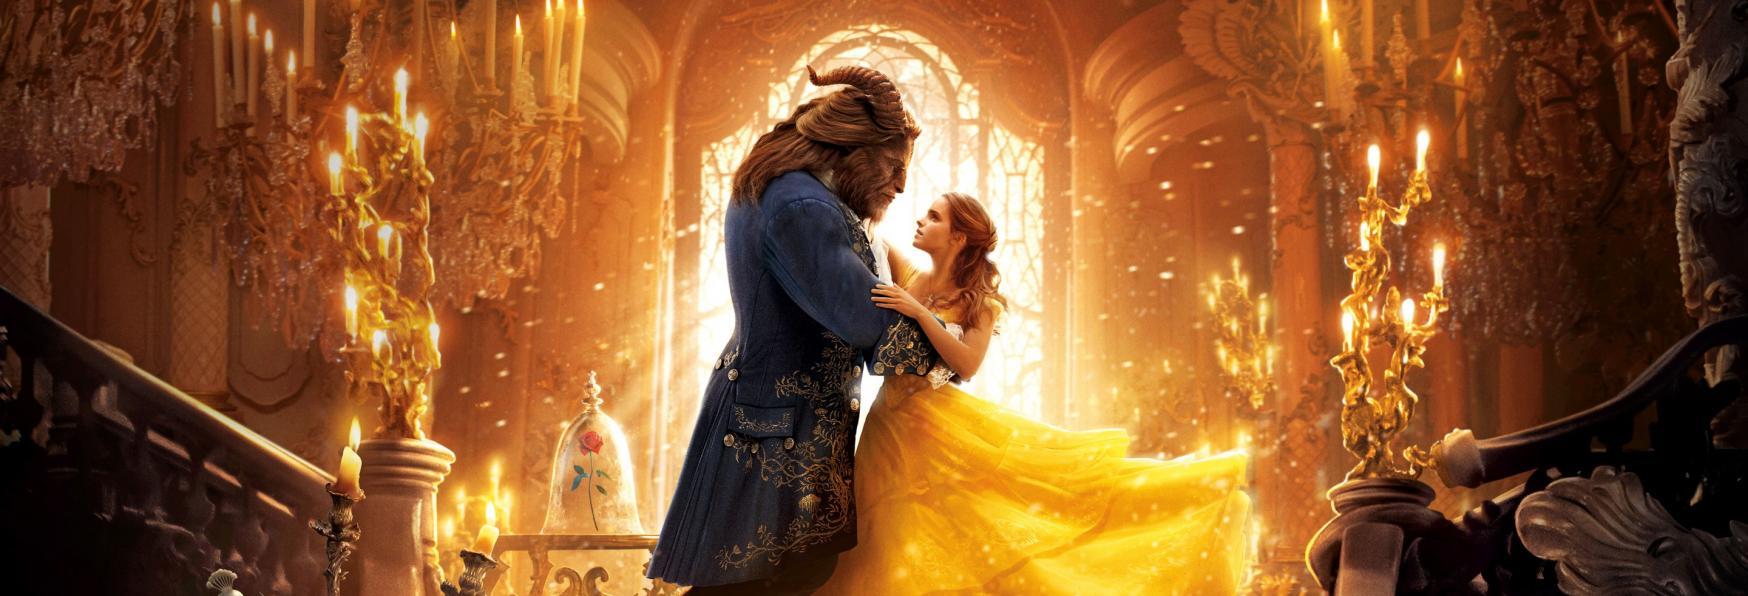 La Bella e la Bestia: Disney annuncia Ufficialmente la nuova Serie TV Prequel in Live-Action